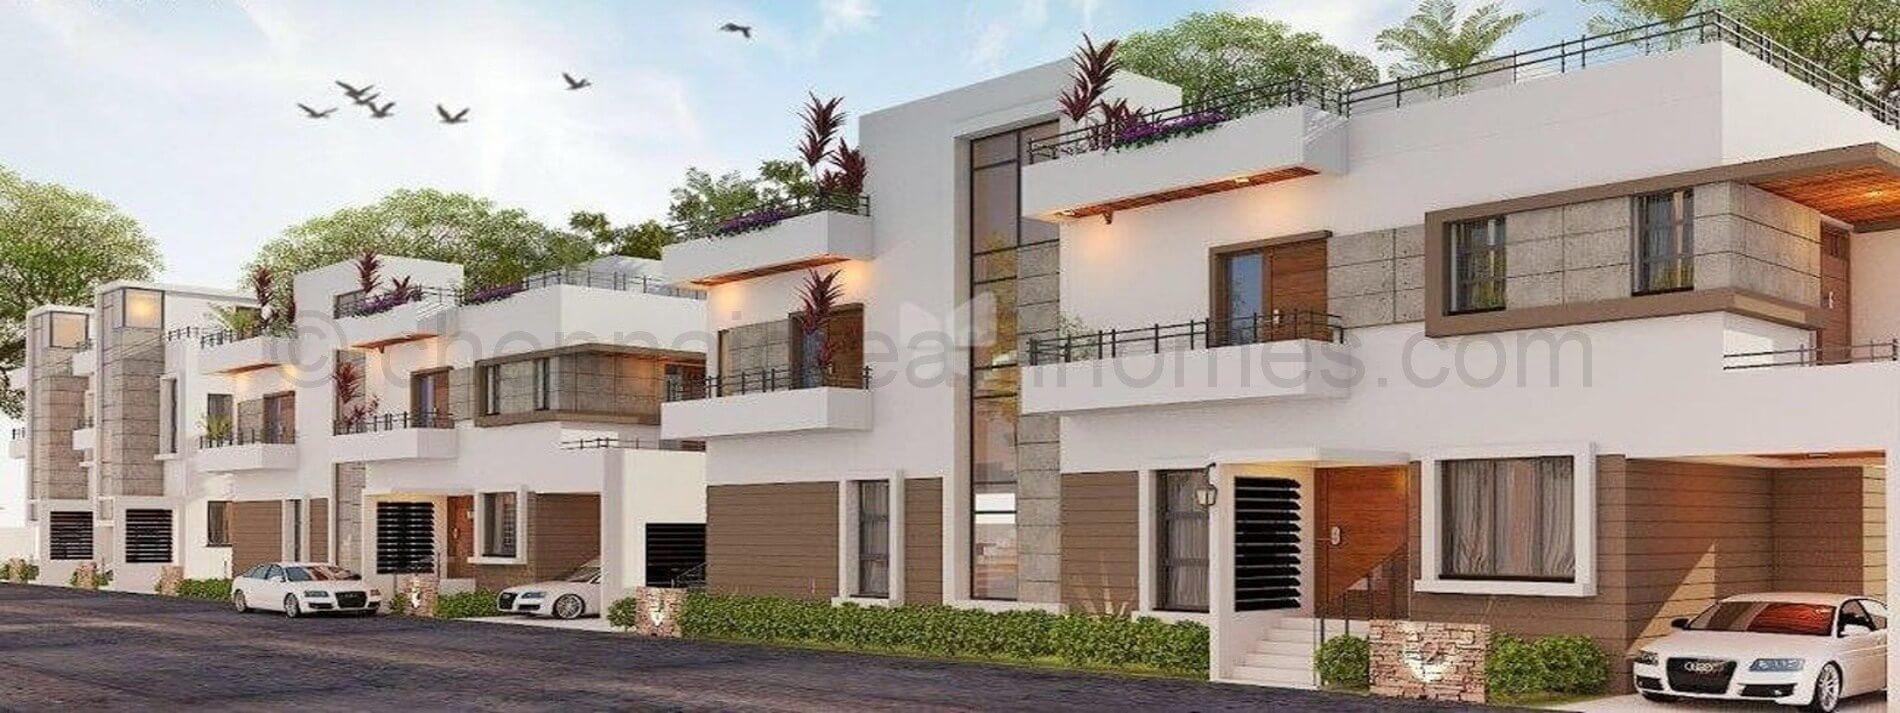 3 BHK Duplex Villas for sale in OMR